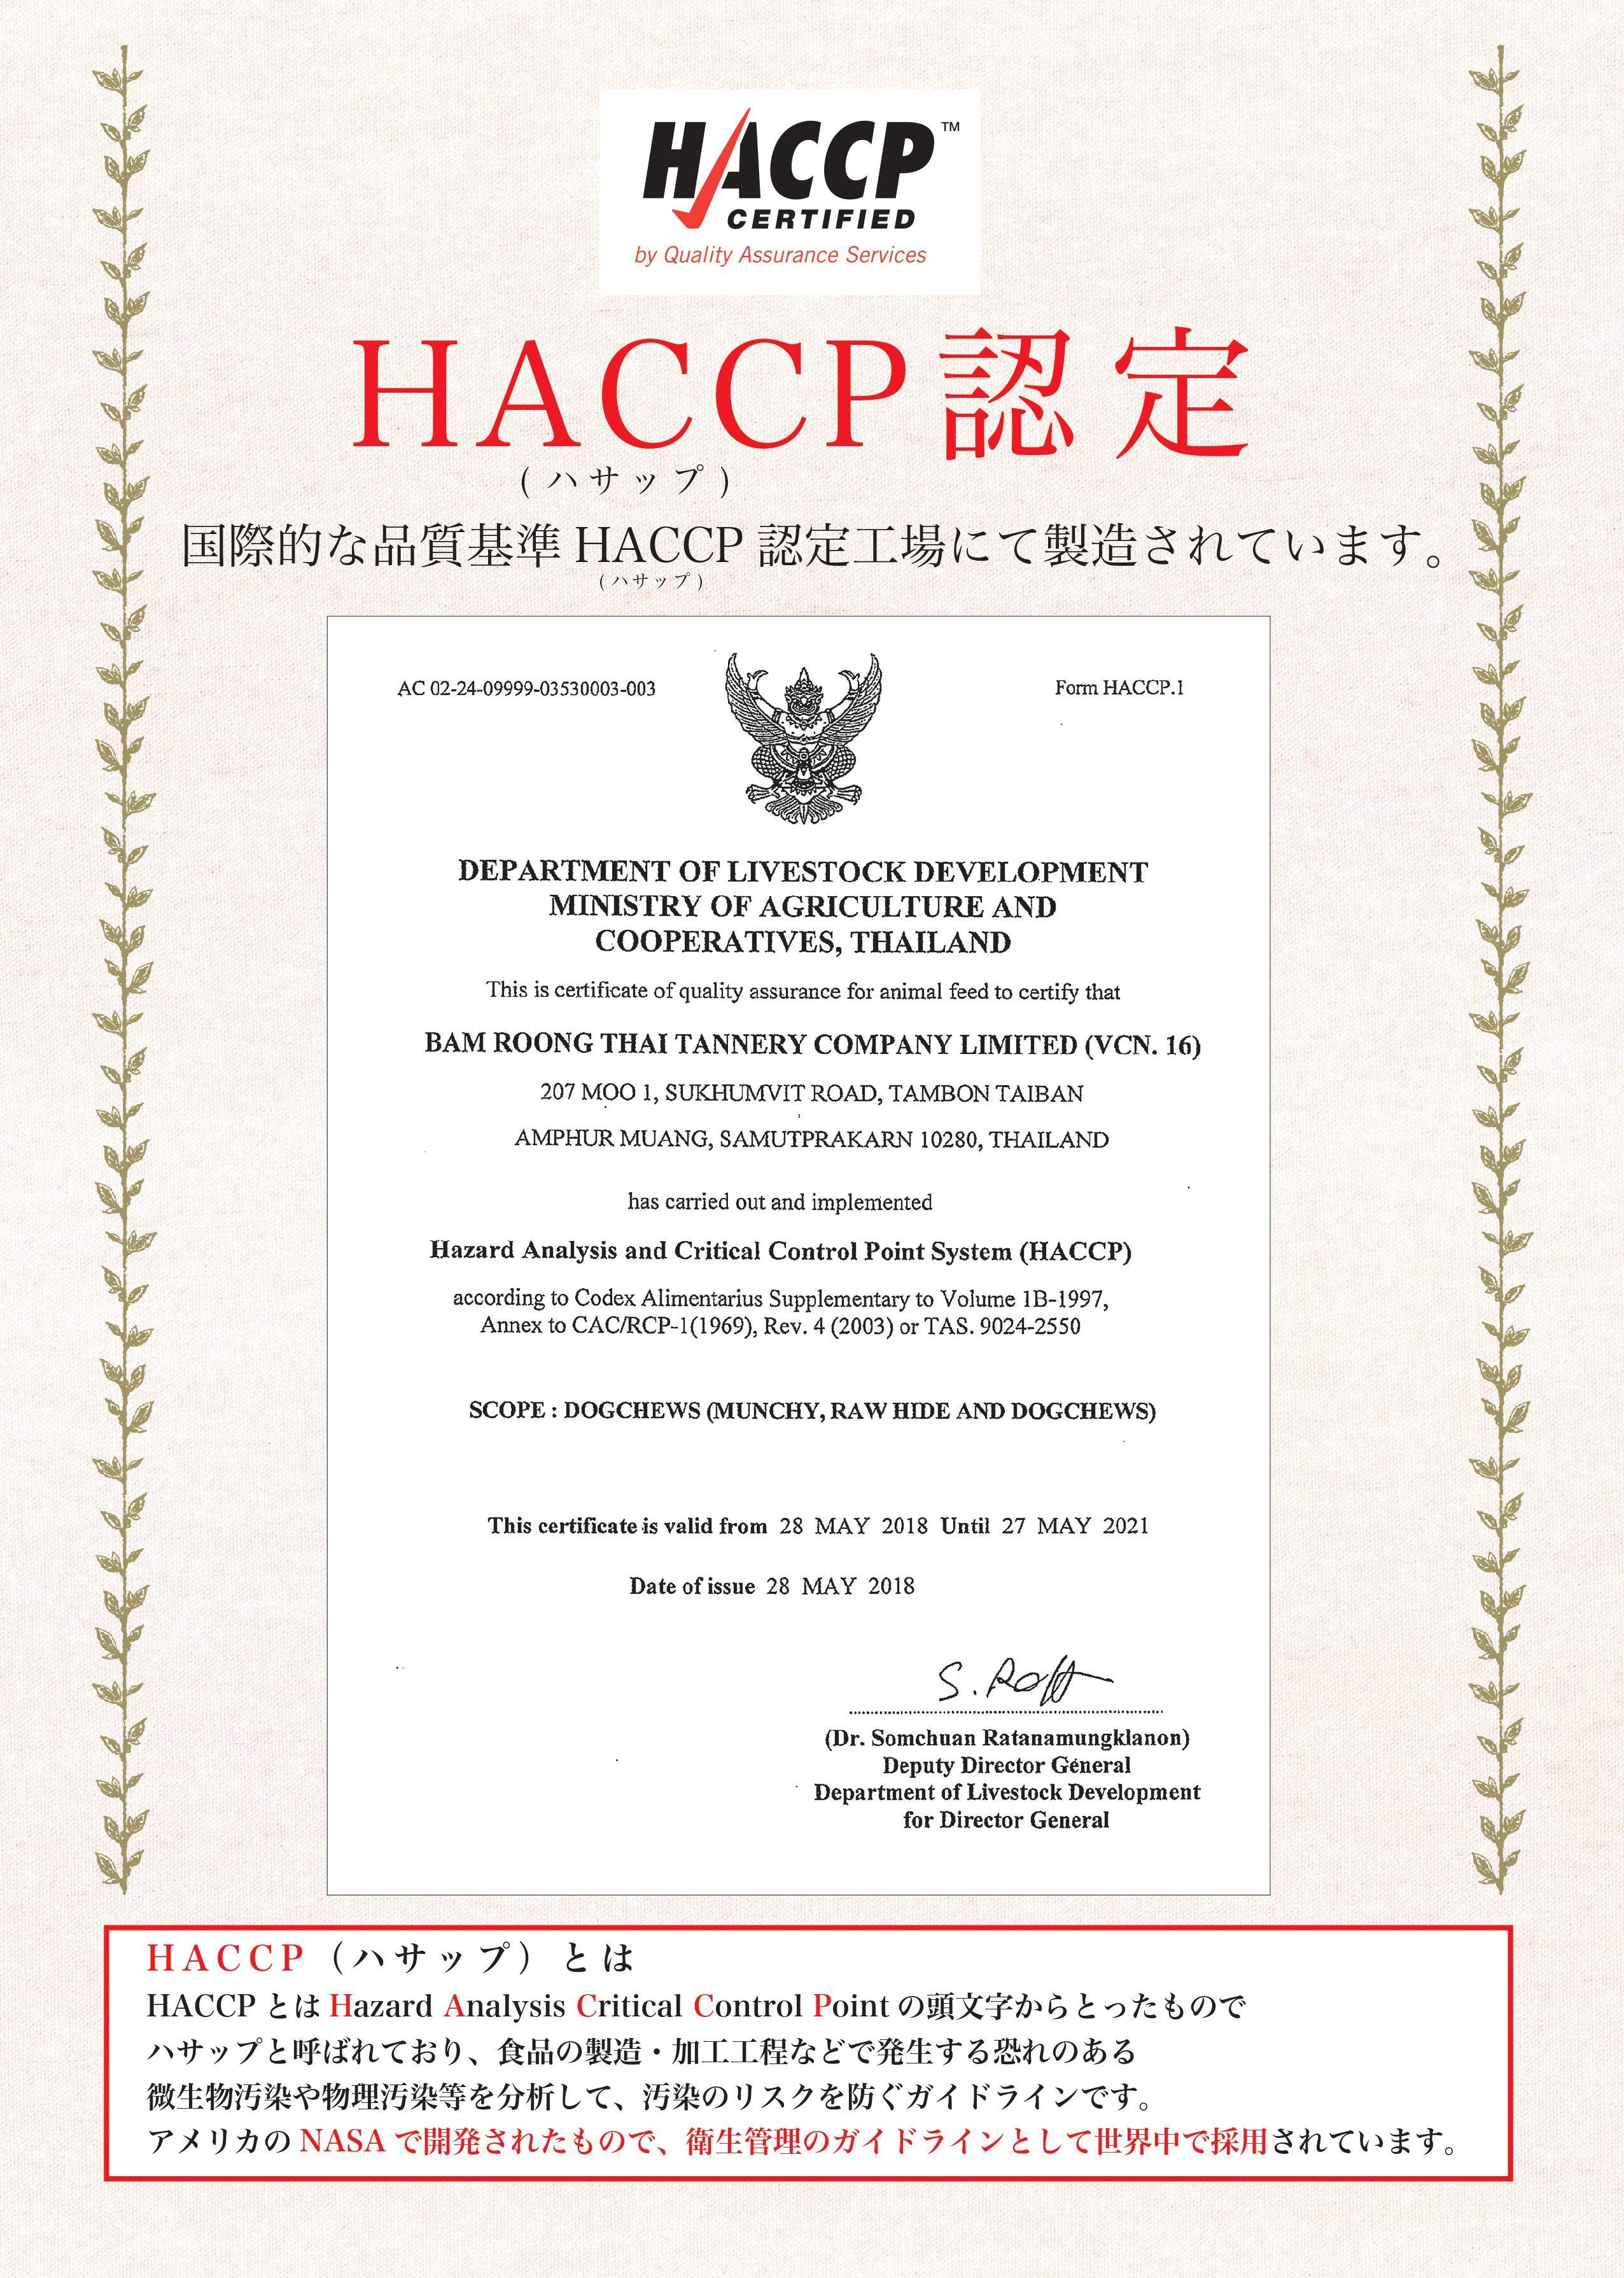 ハサップ認定の工場で生産をしています!